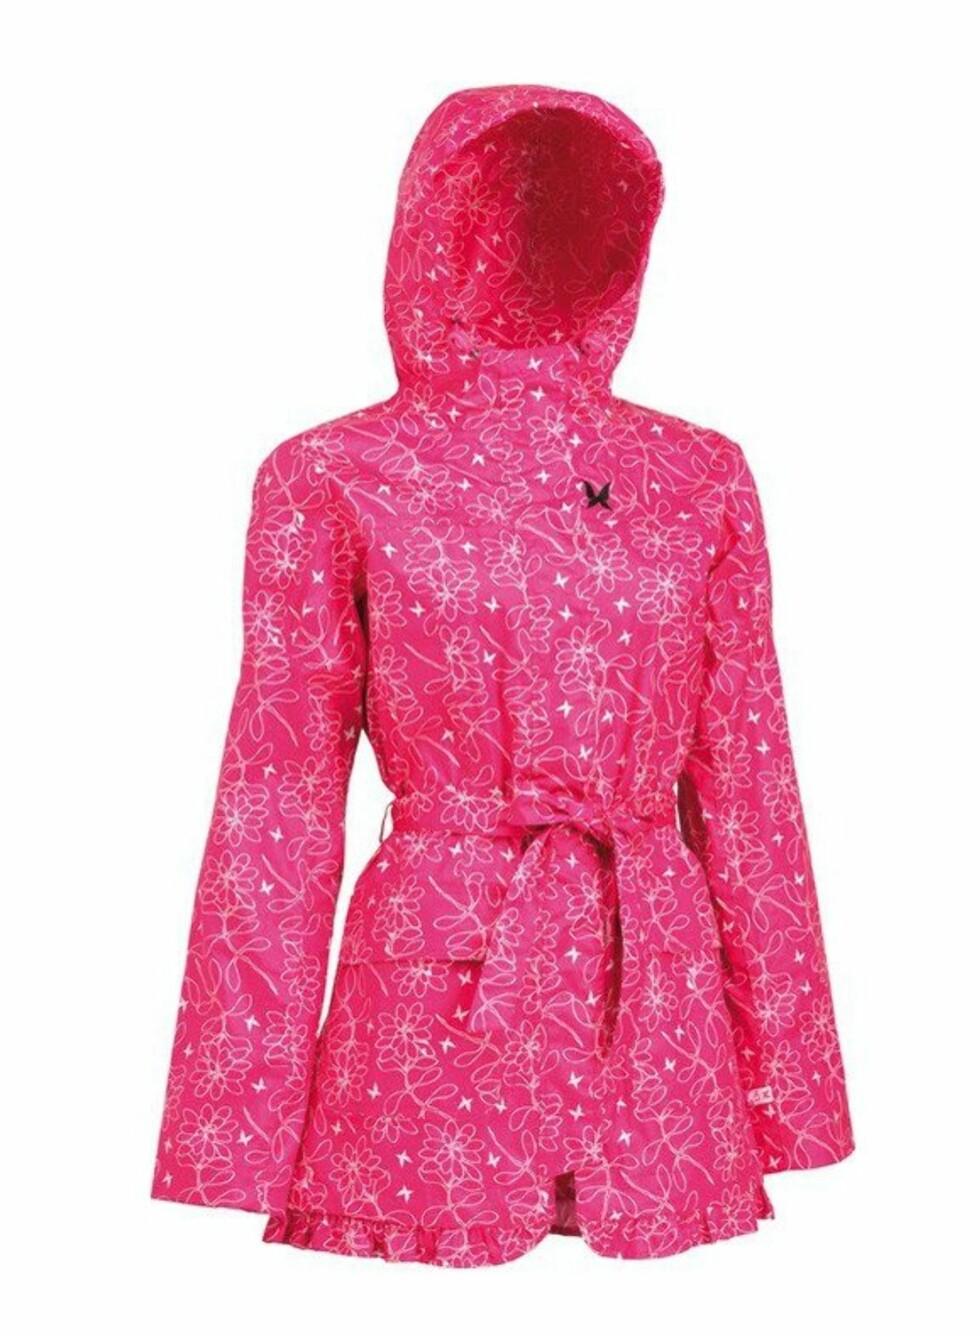 FEMININ: Knall, rosamønstret regnkåpe med puffermer, frontlommer og knytebelte fra Kari Traa, kr 899. Finnes også i svart.